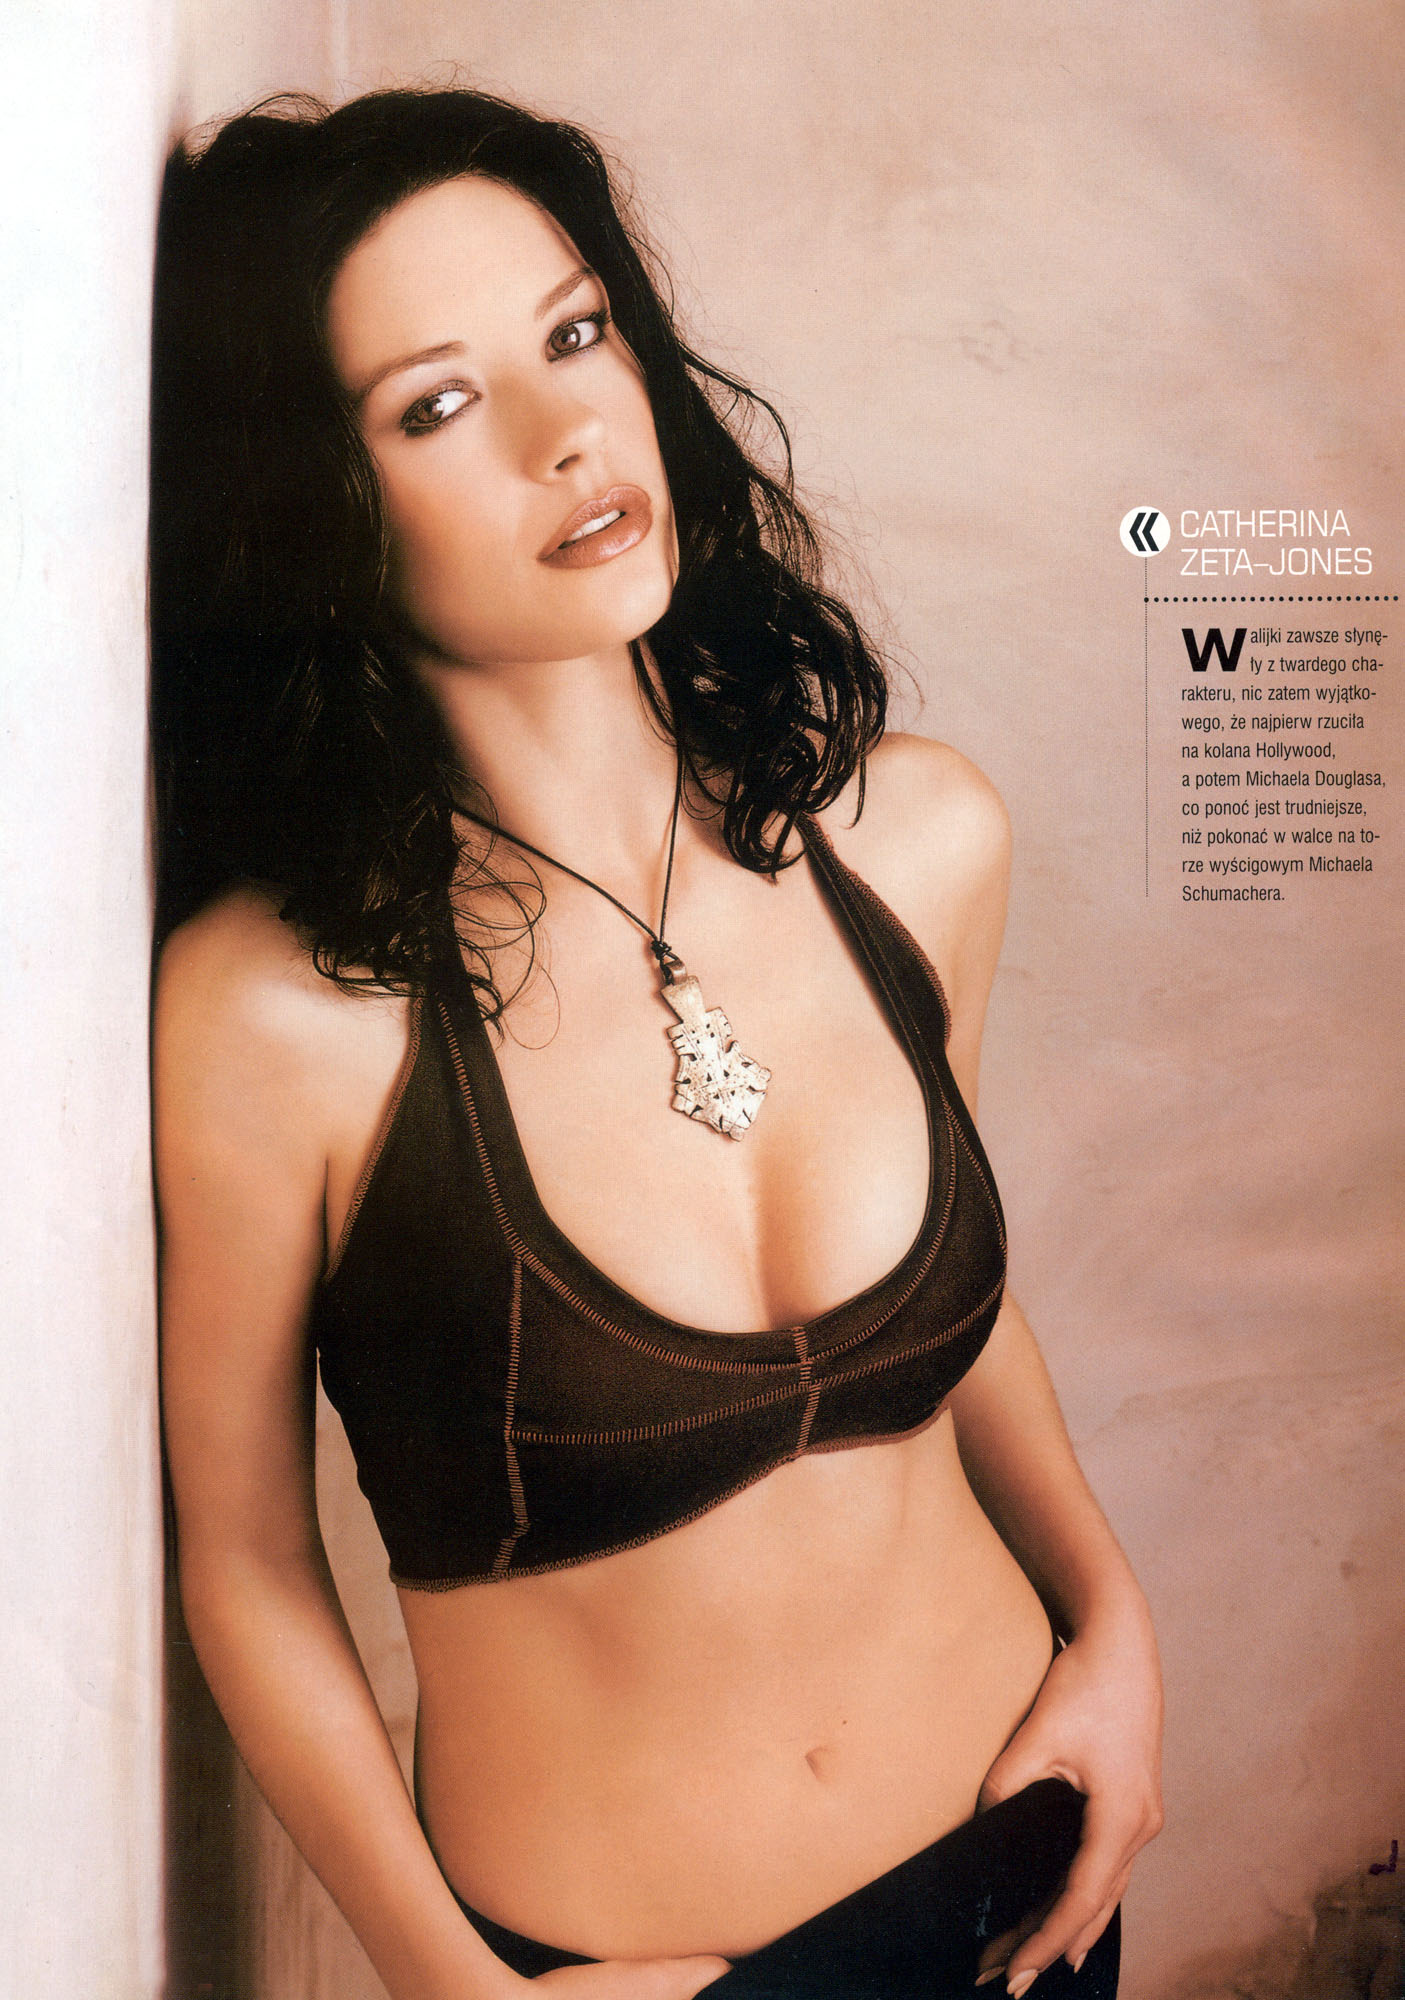 Catherine Zeta Jones photo gallery - page #31 | Celebs-Place.com Catherine Zeta Jones